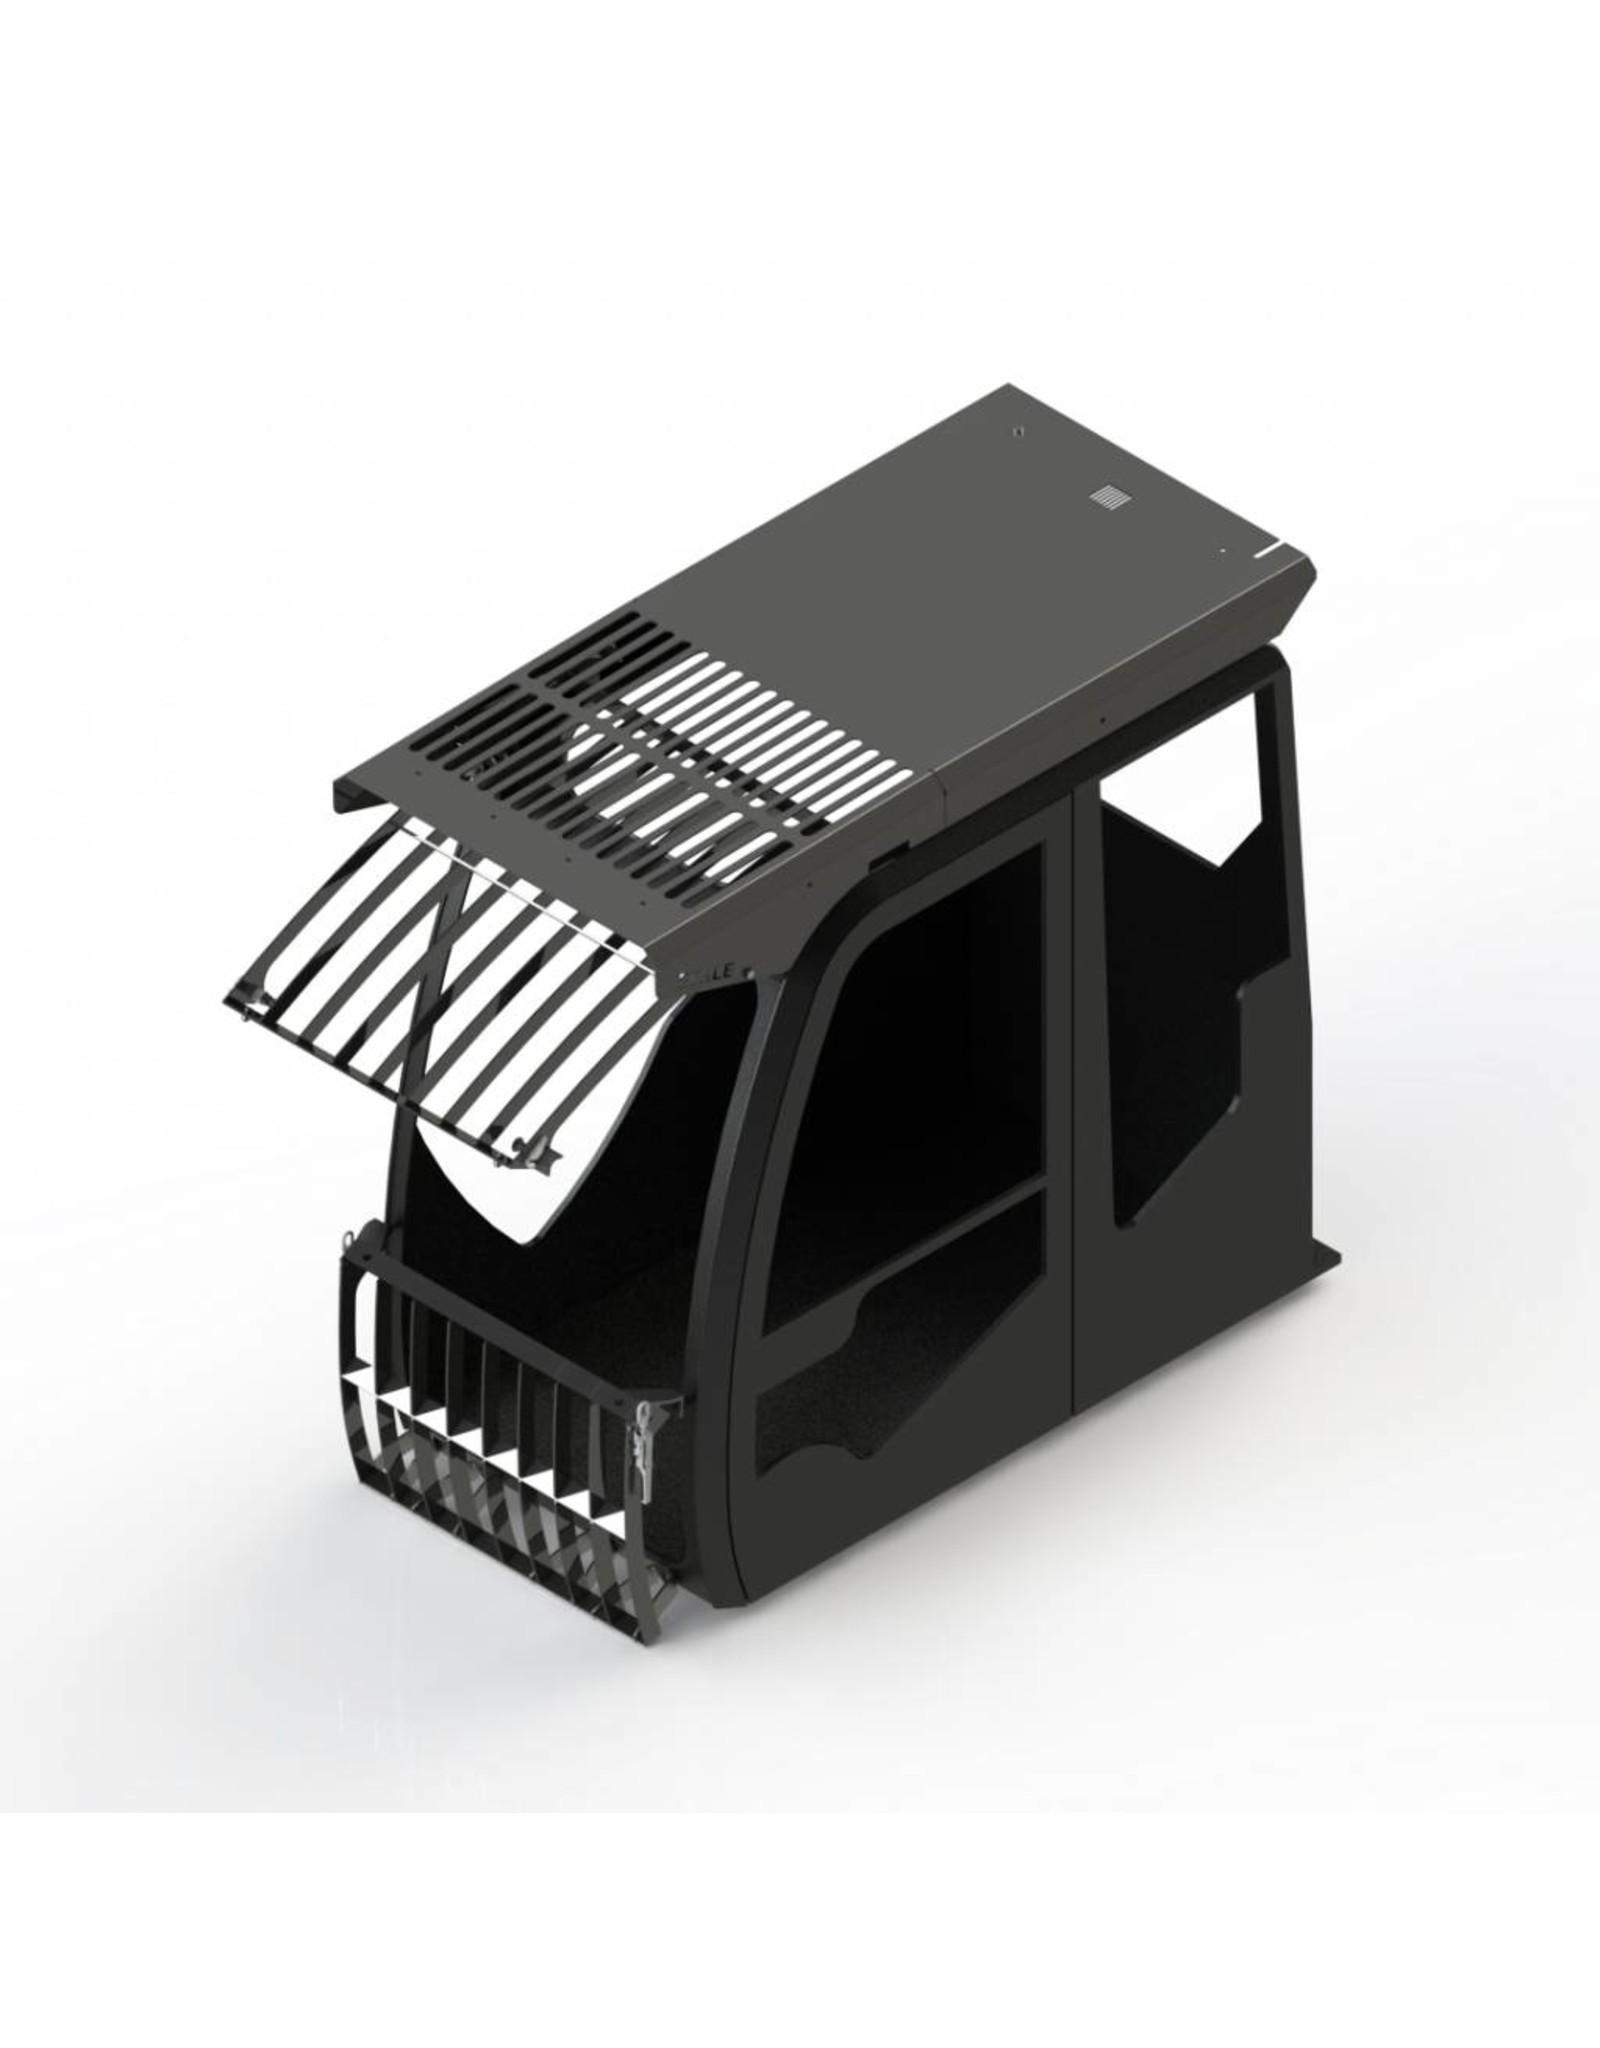 Echle Hartstahl GmbH FOPS pour Komatsu PC240LC-10/11